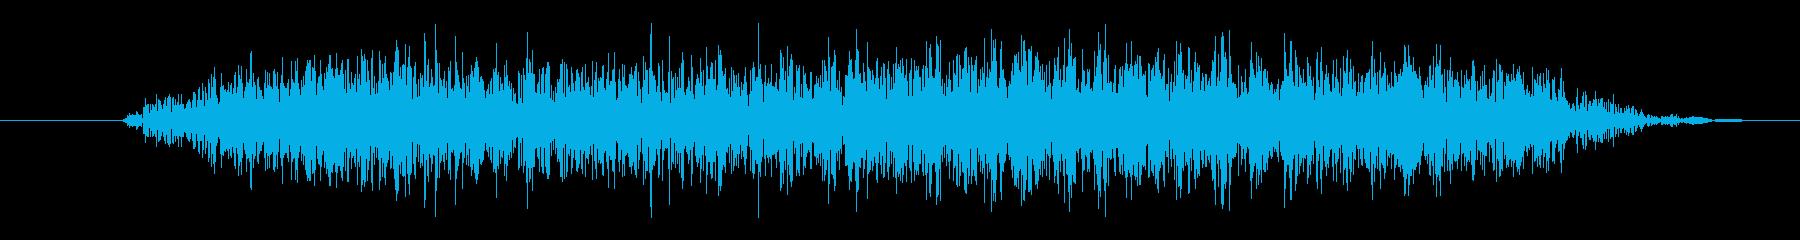 大クリーチャー:低いうなり声の再生済みの波形